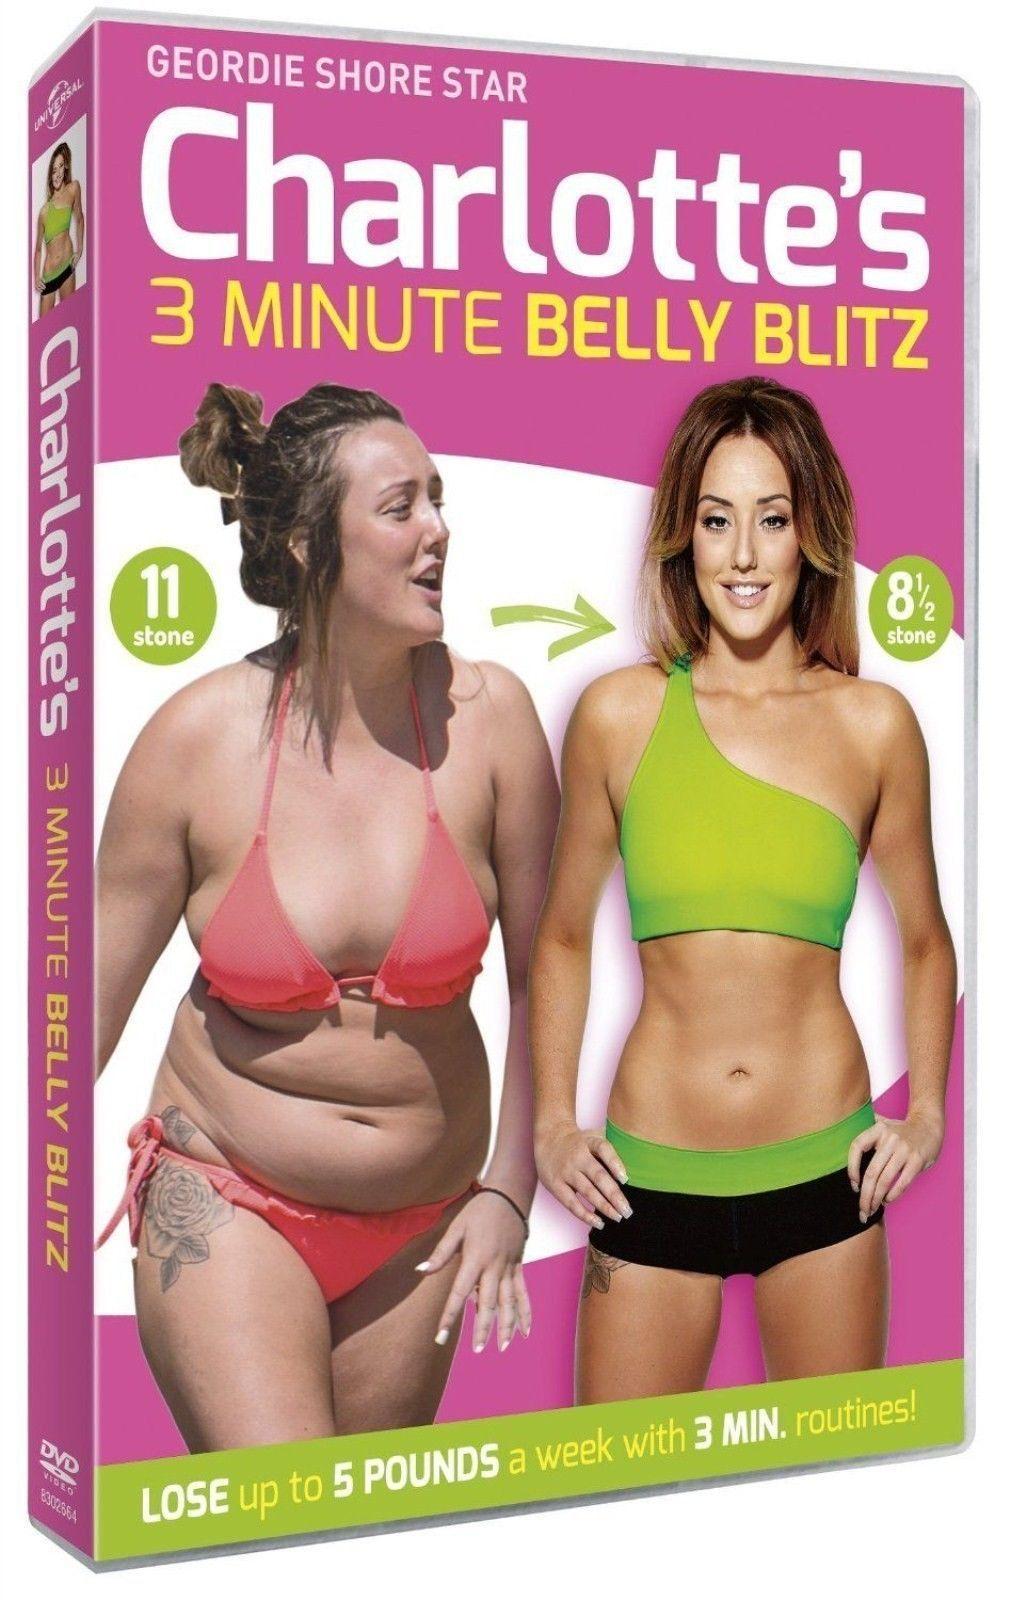 programma di dieta charlotte crosby dvd